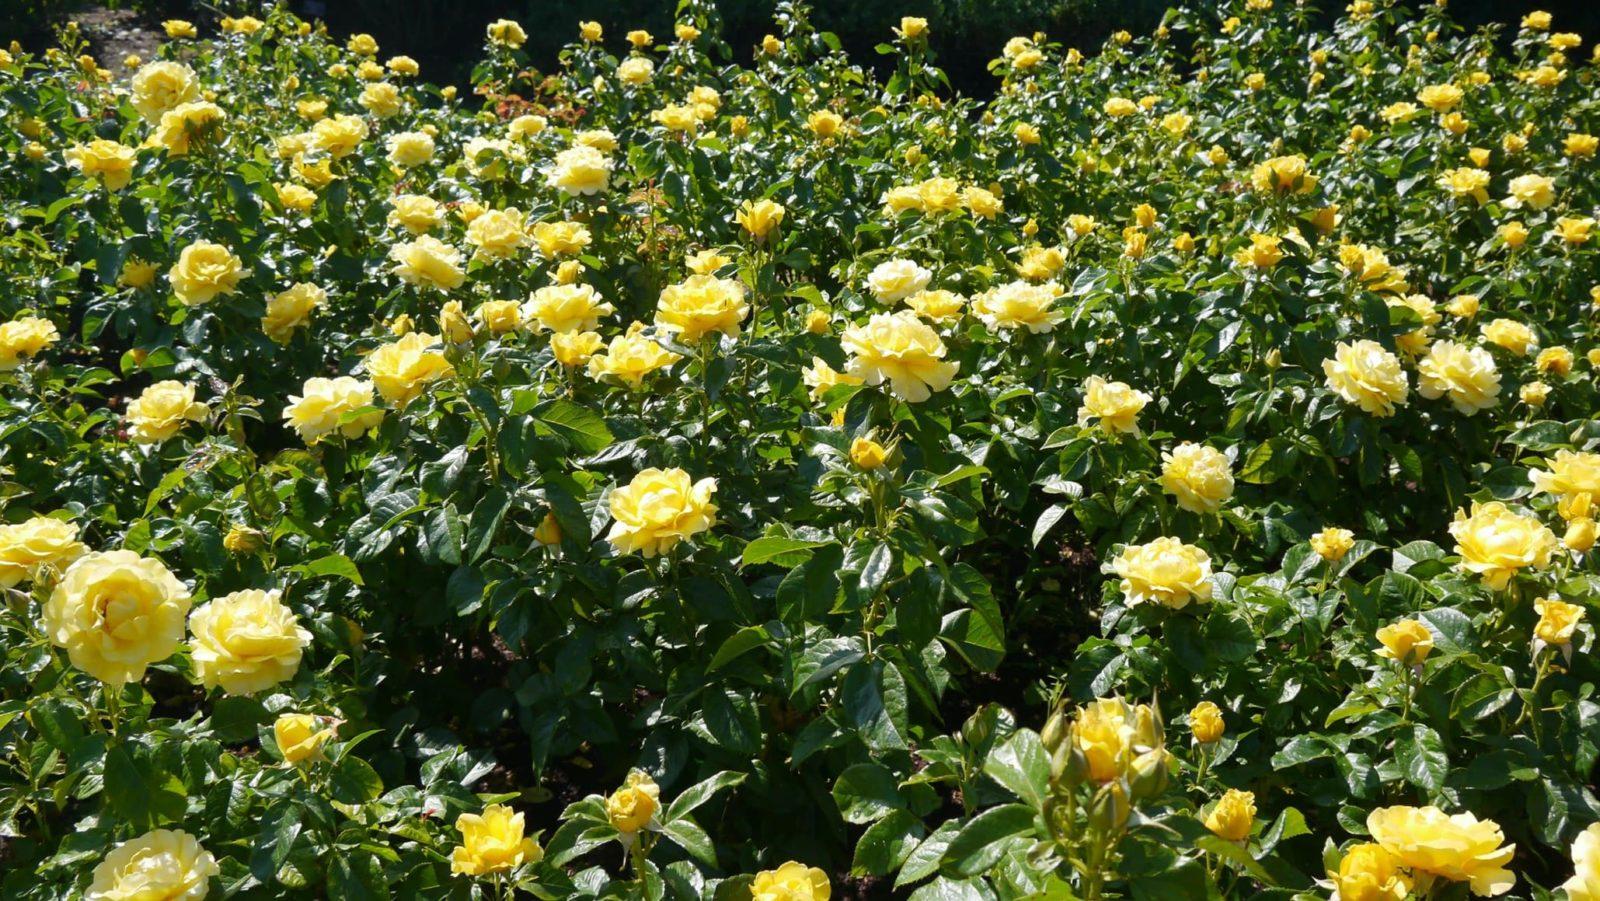 flowering yellow english rose bushes